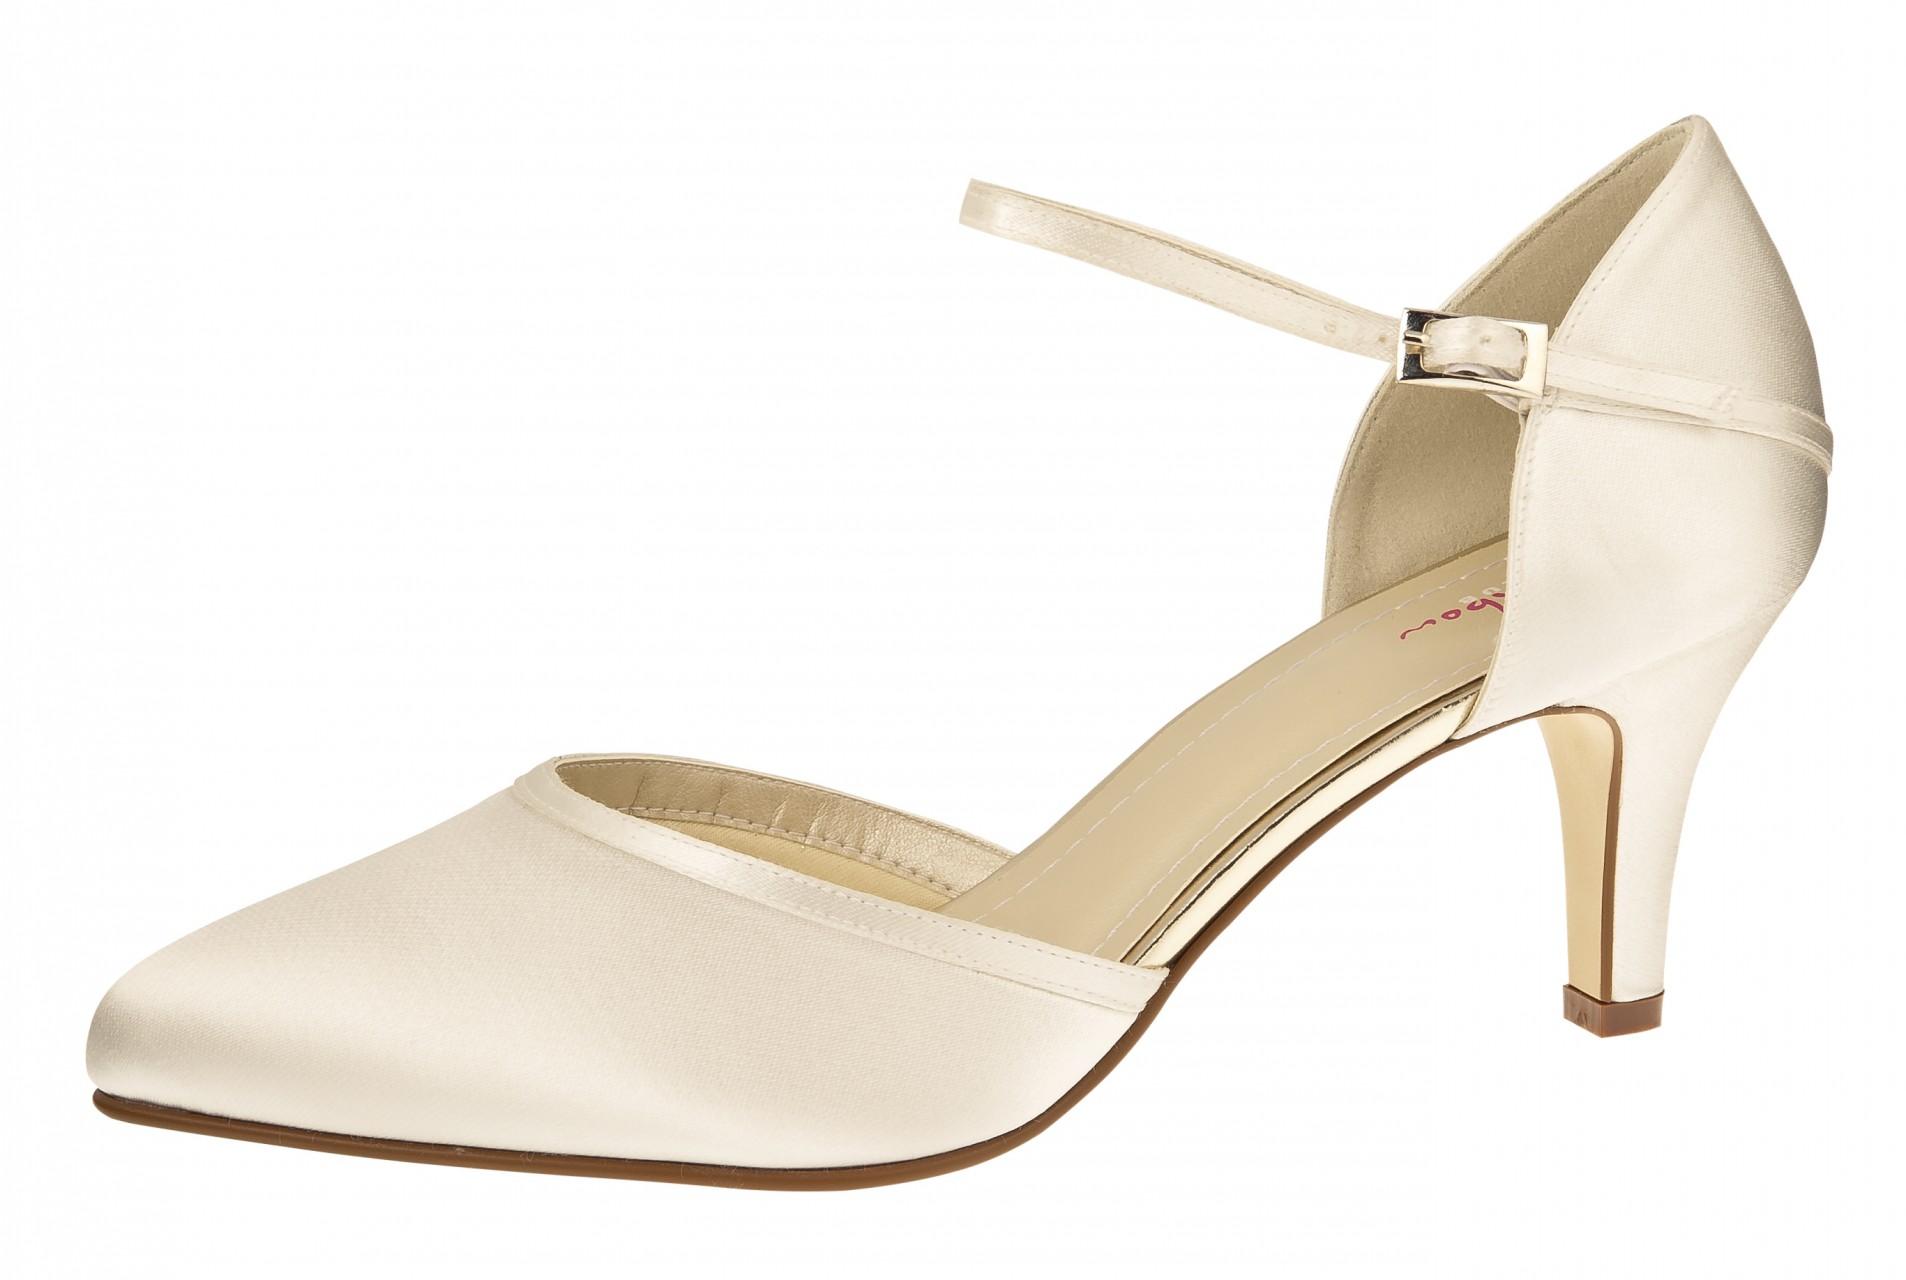 Elsa Coloured Shoes: Dewi